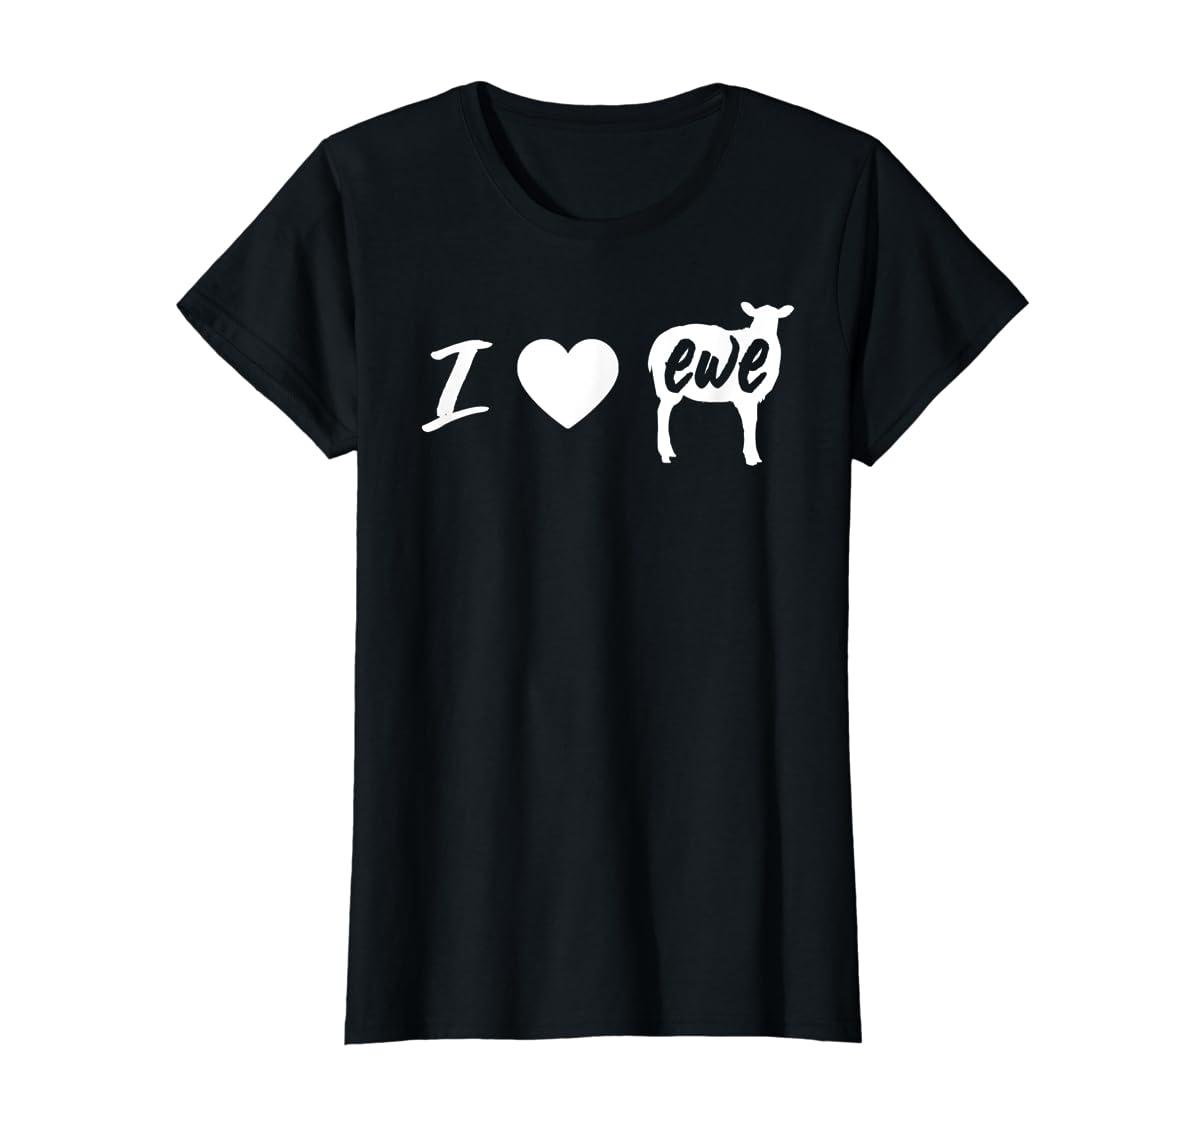 I Love Ewe - I Love You Sheep Pun Shirt-Women's T-Shirt-Black